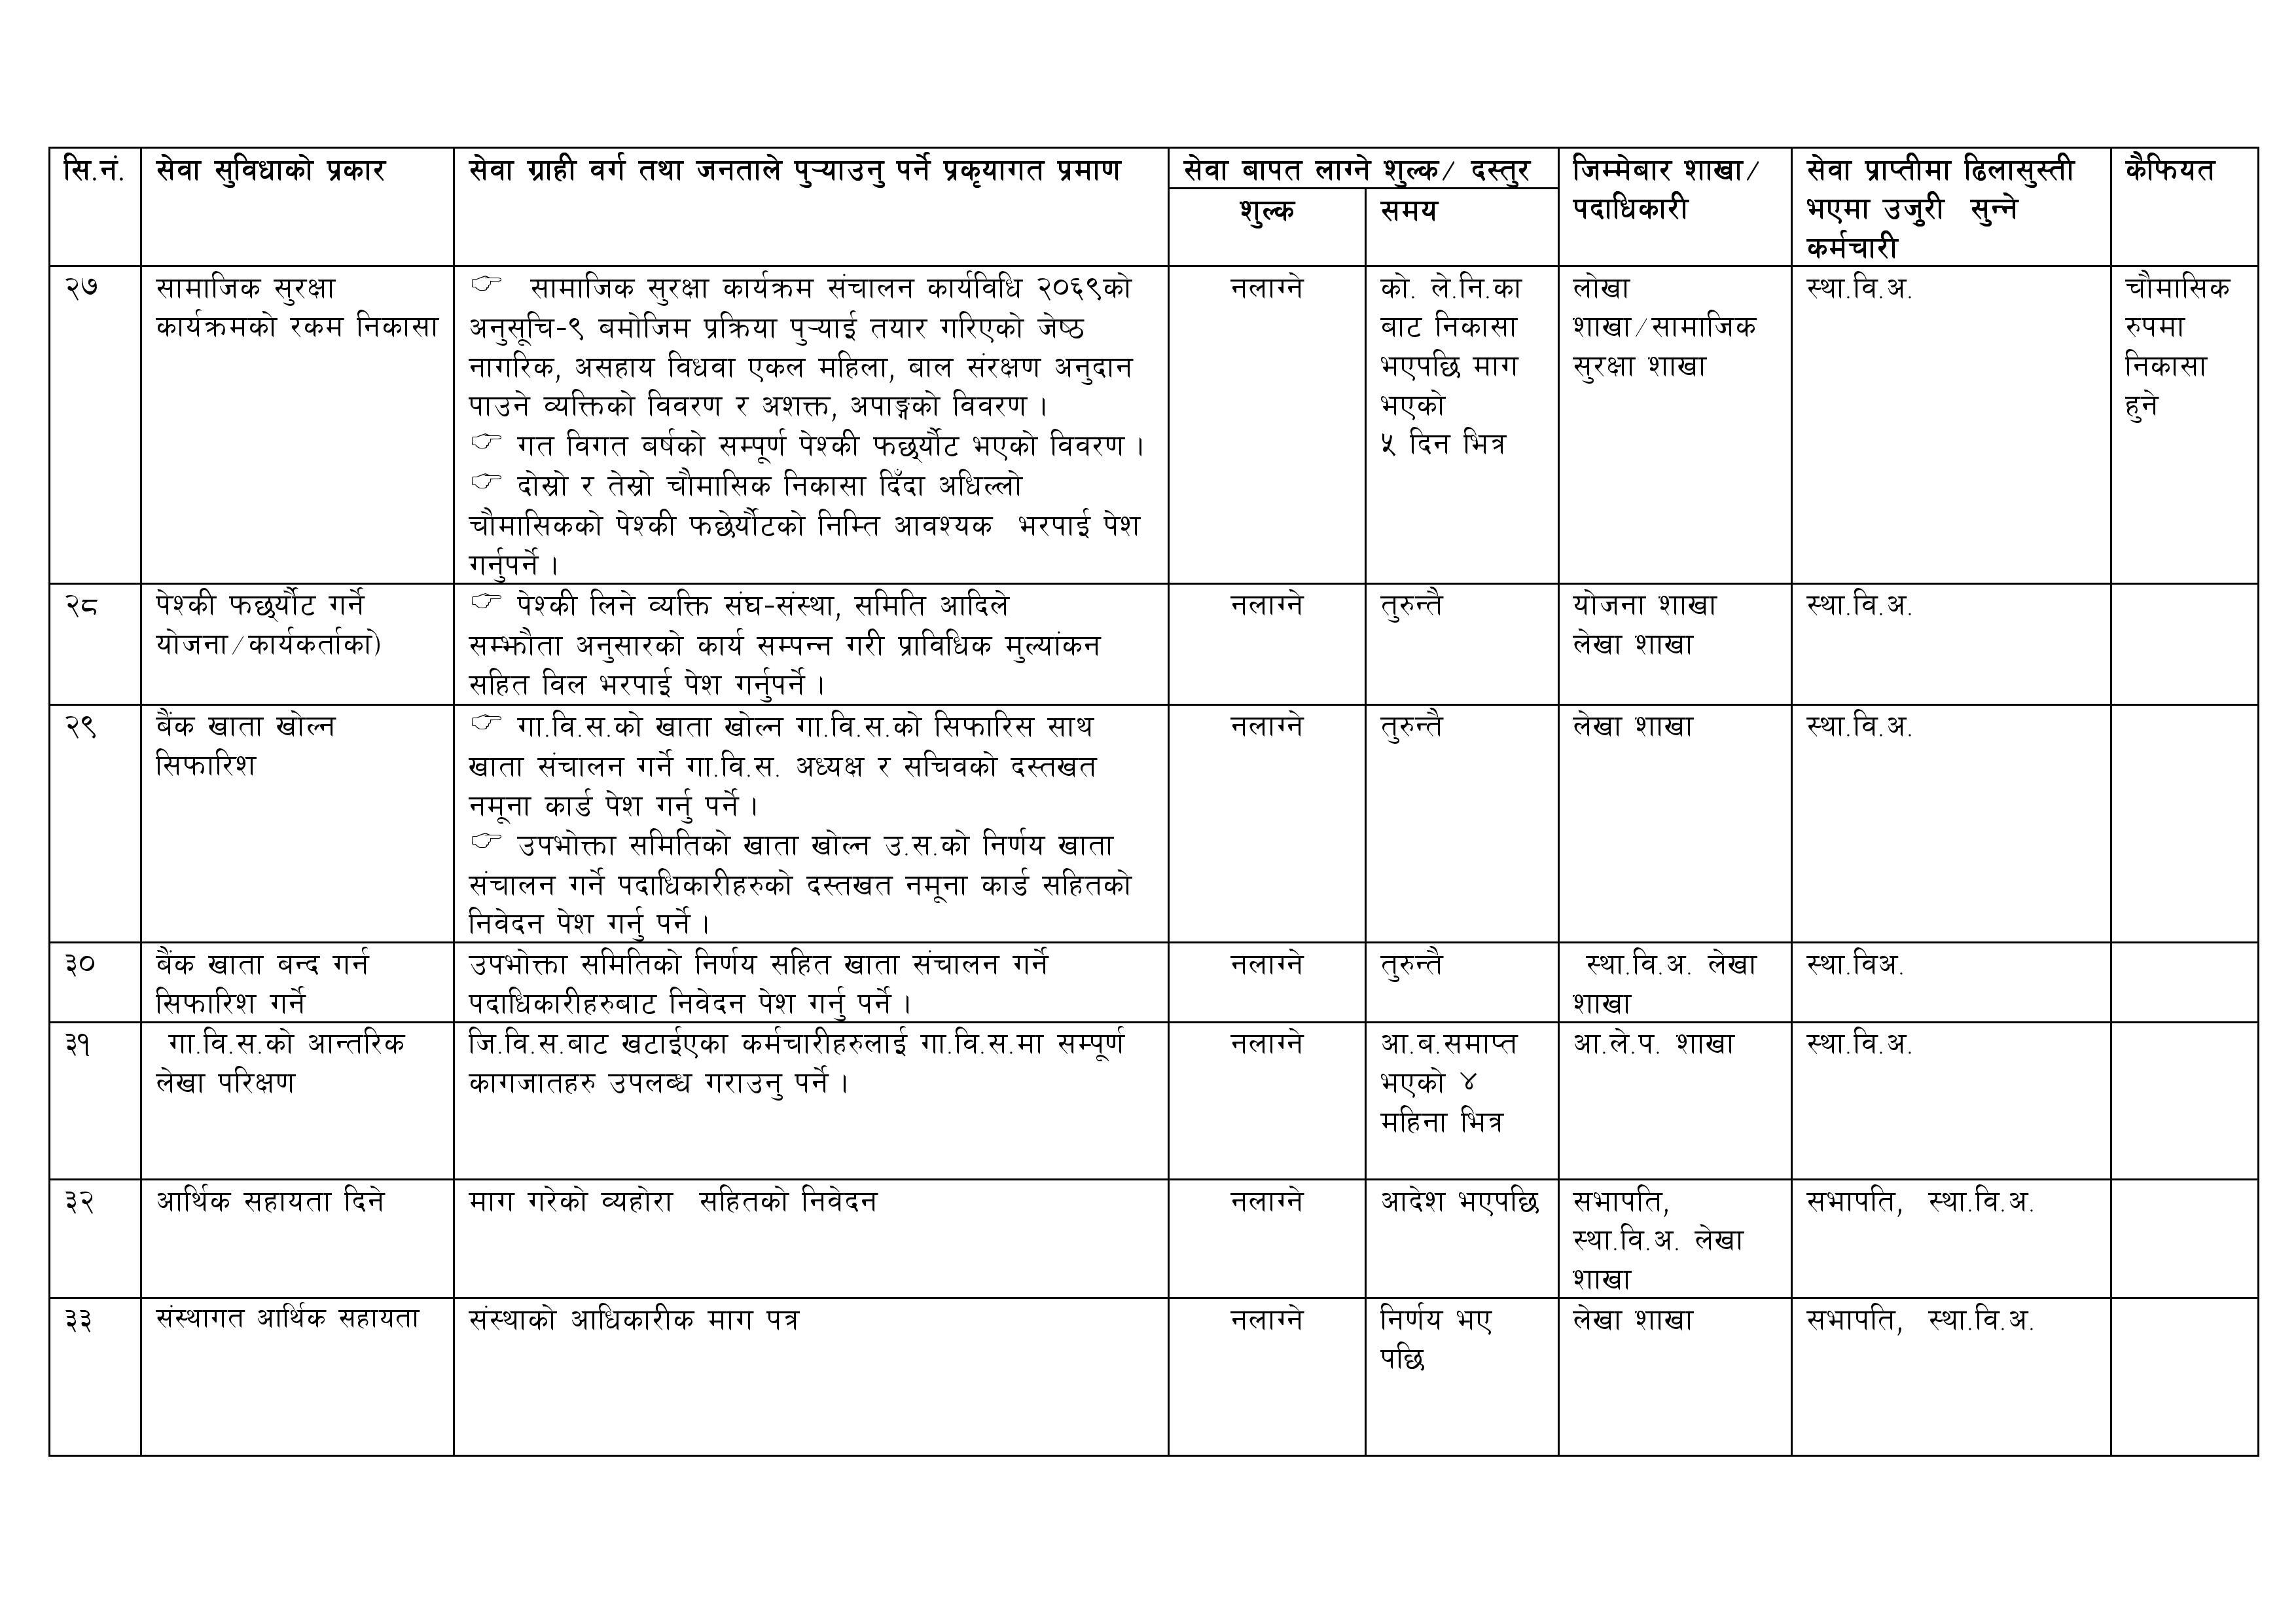 Nagarik bada patra DDC Manang-page-006